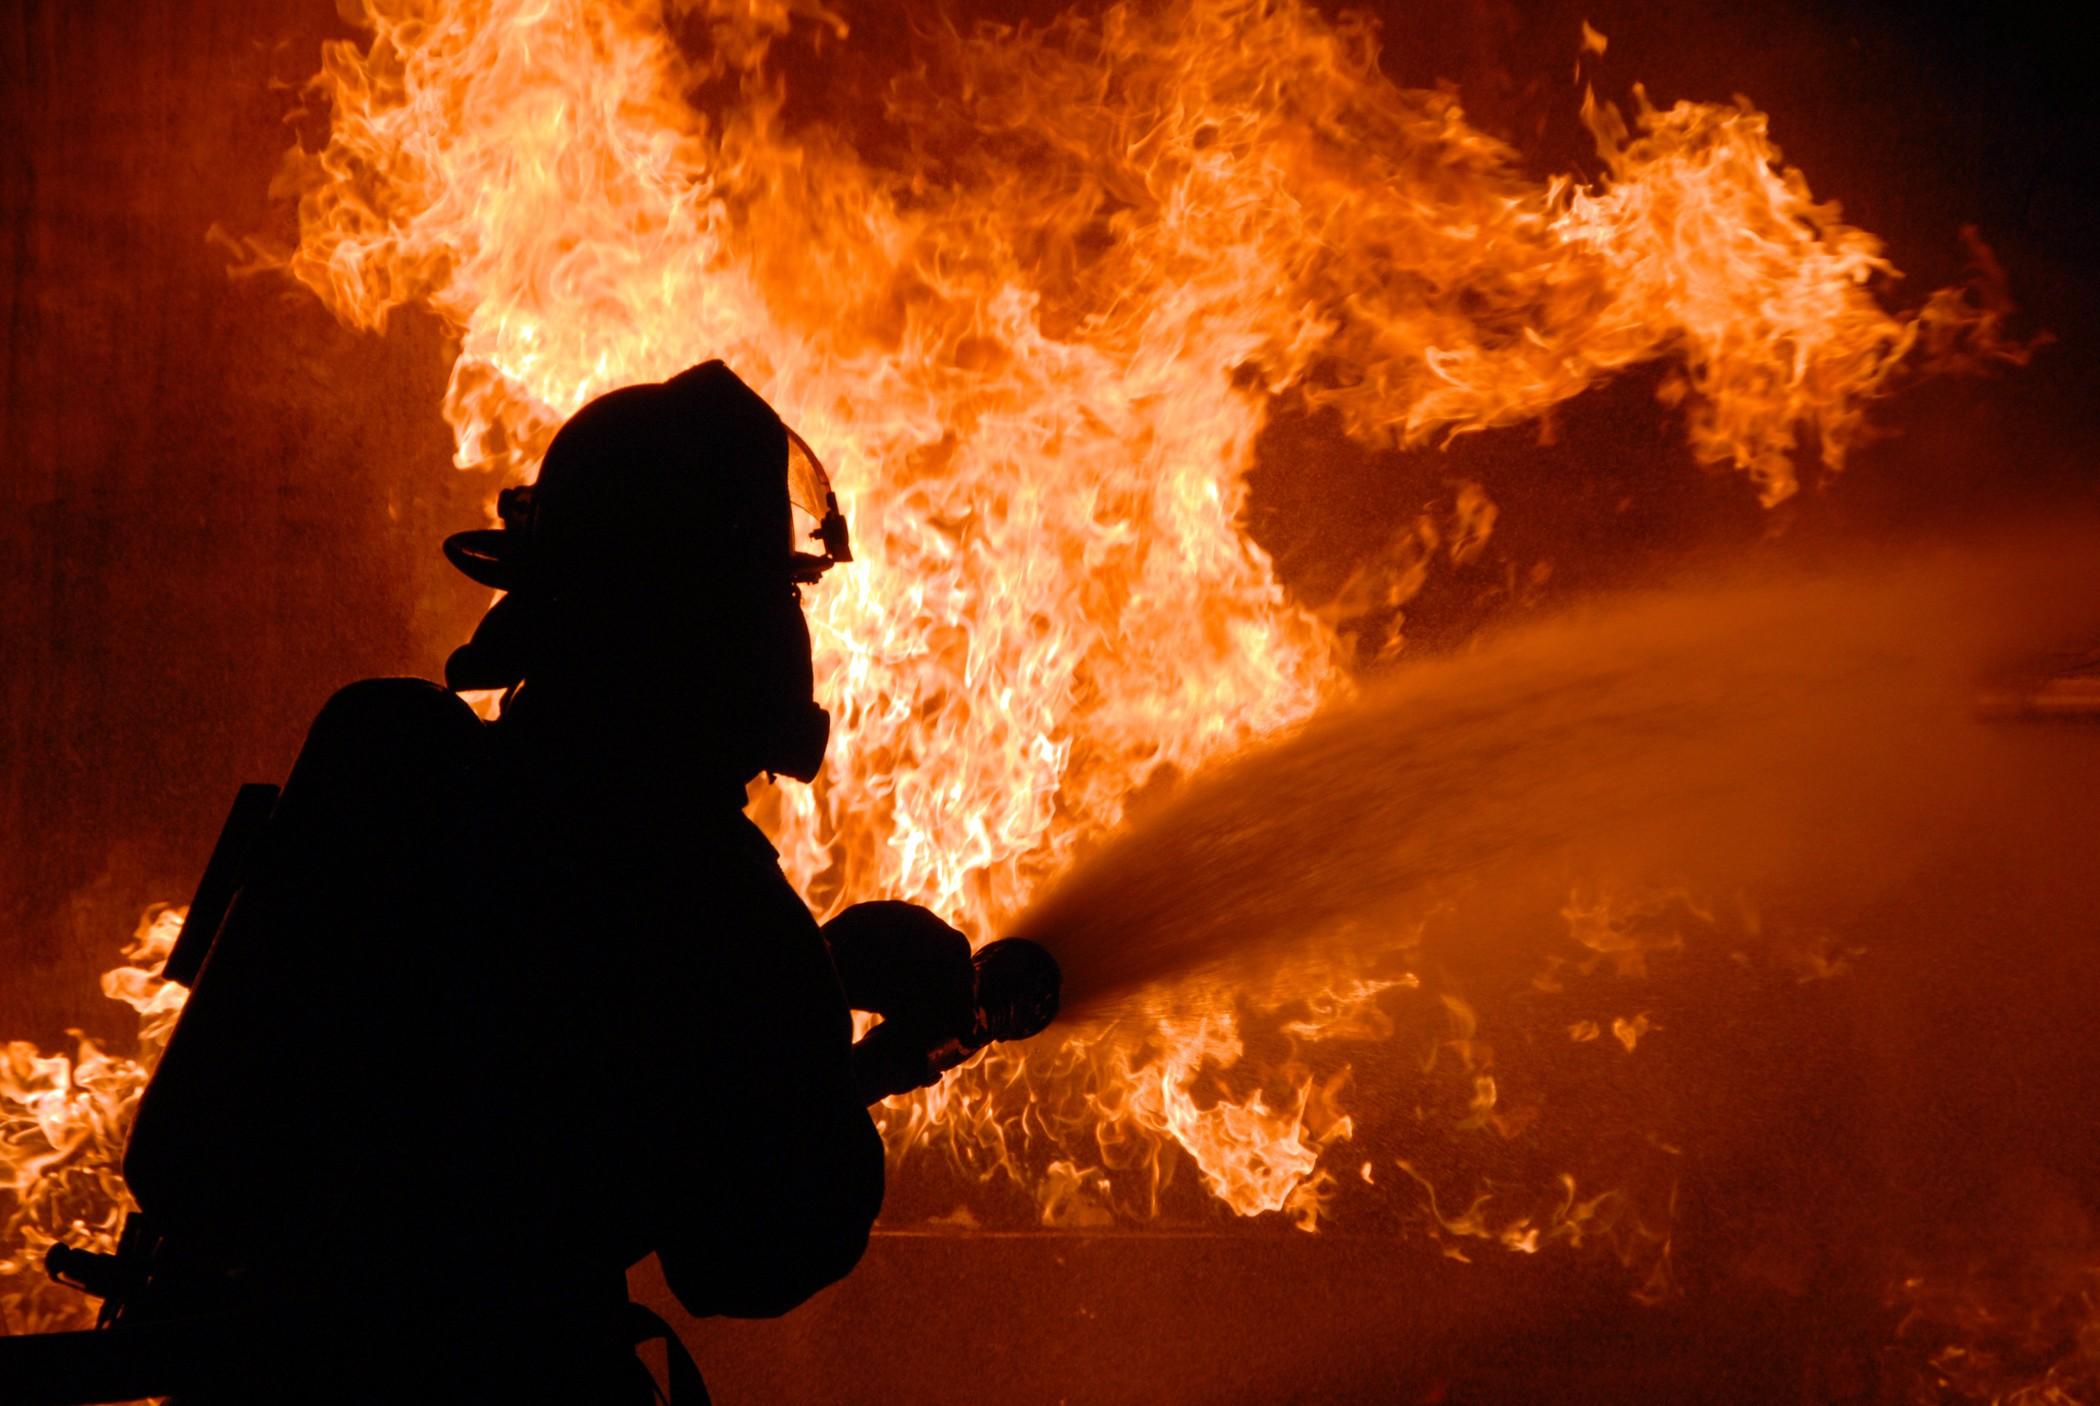 Ночью воВладимире произошел пожар вжилом доме